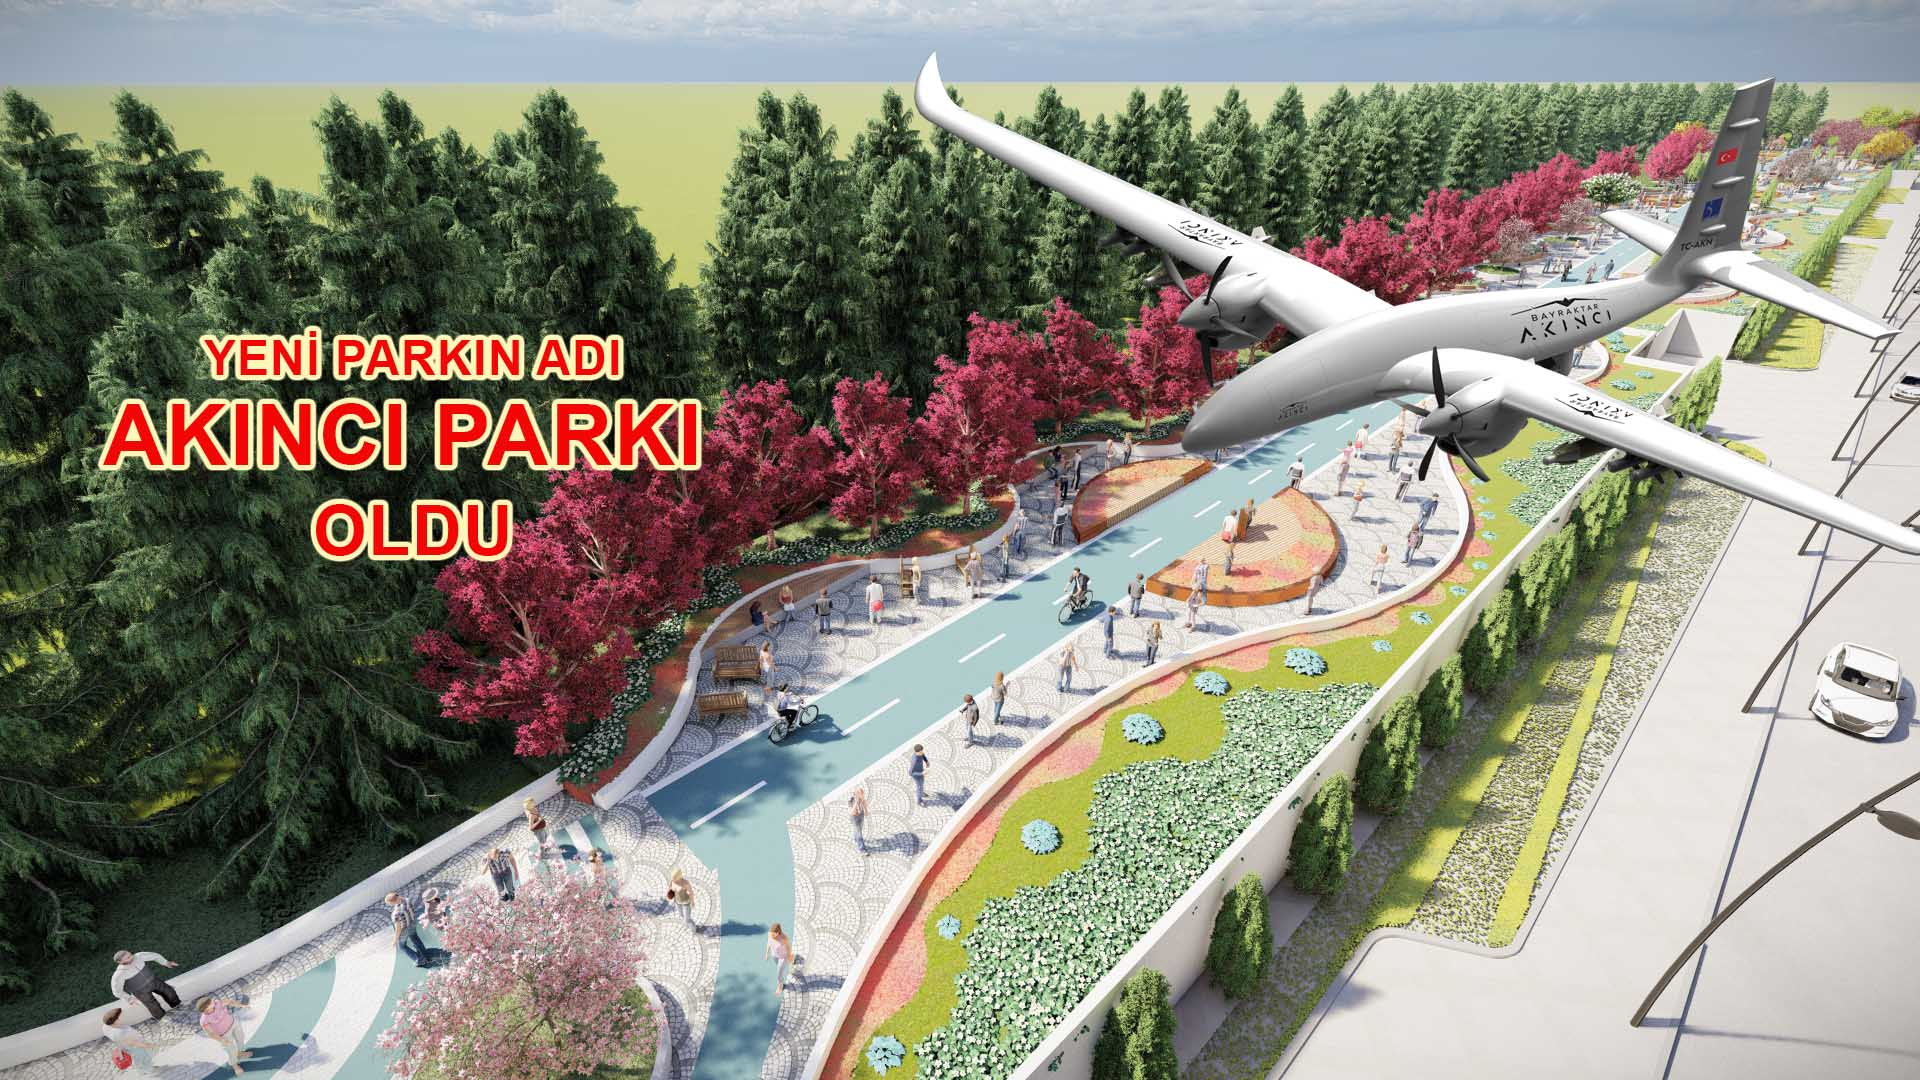 Yeni parkın adı AKINCI PARKI